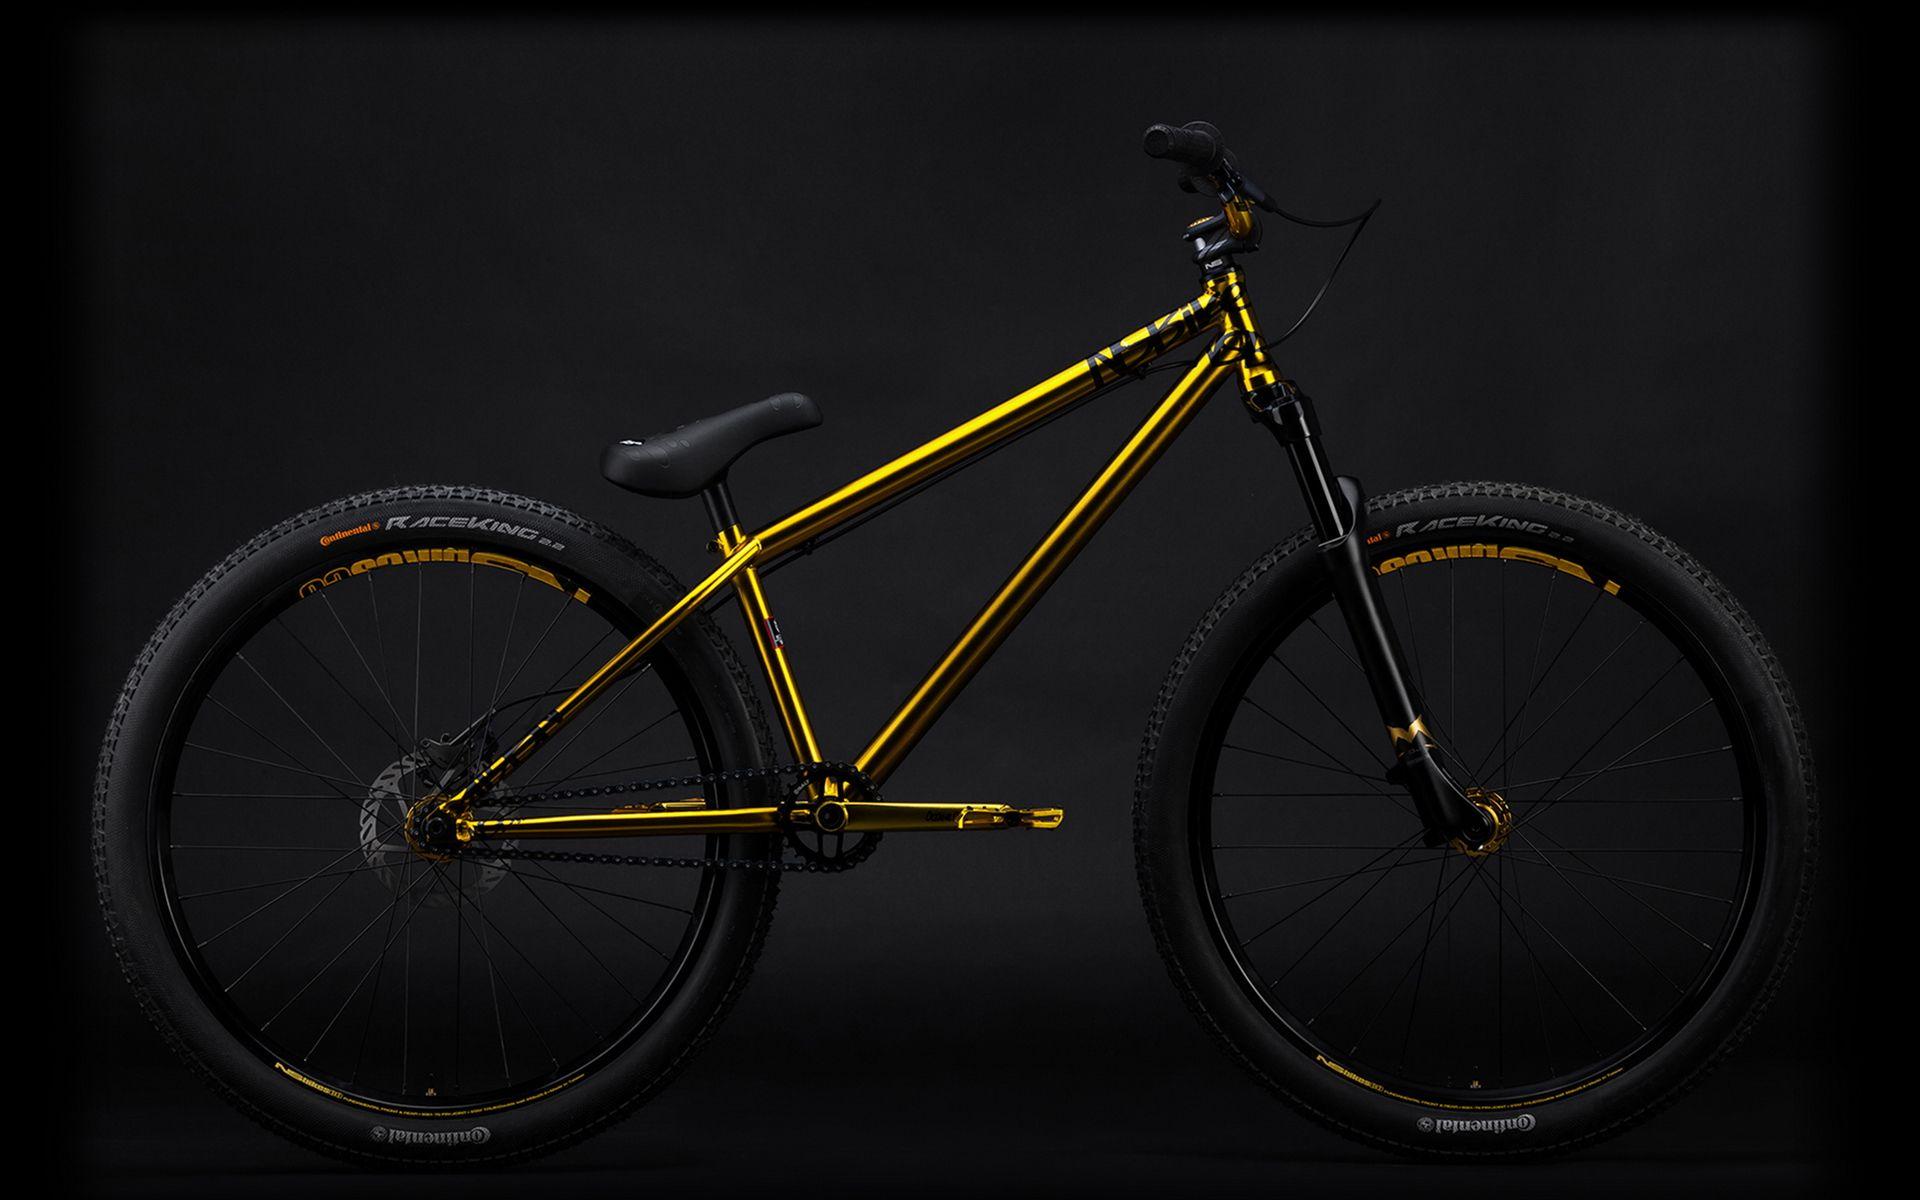 Ns Bikes Majesty Gold Bike Sam Pilgram Montain Bike Bmx Bikes